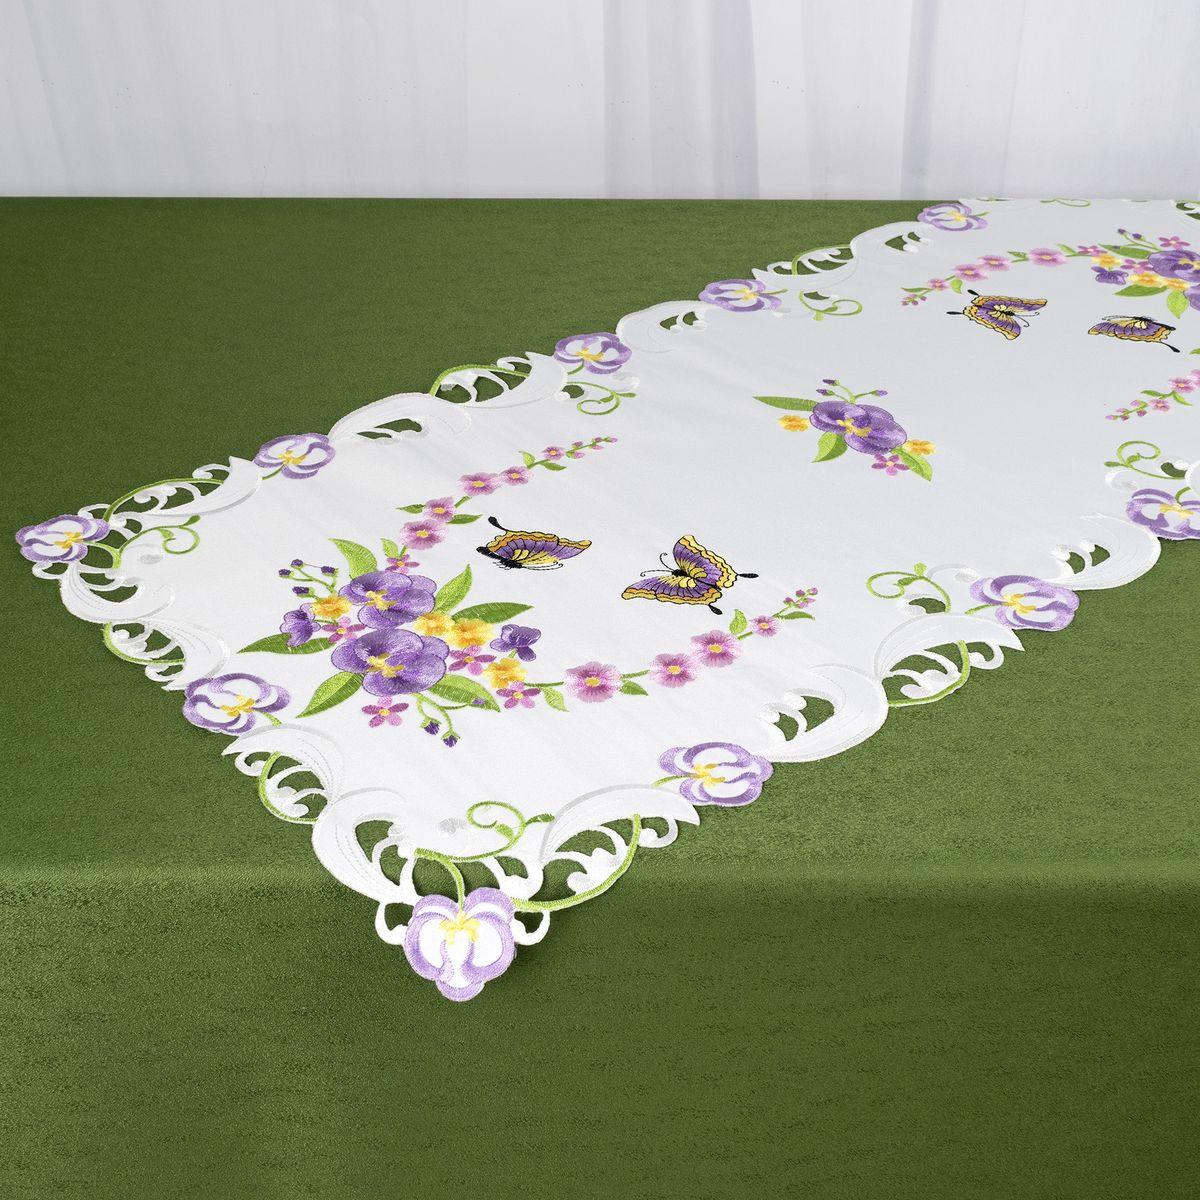 Дорожка для декорирования стола Schaefer, 40 x 85 см, цвет: белый, фиолетовый. 07745-27107745-271Дорожка для декорирования стола Schaefer может быть использована, как основной элемент, так и дополнение для создания уюта и романтического настроения.Дорожка выполнена из полиэстера. Изделие легко стирать: оно не мнется, не садится и быстро сохнет, более долговечно, чем изделие из натуральных волокон.Материал: 100% полиэстер.Размер: 40 x 85 см.